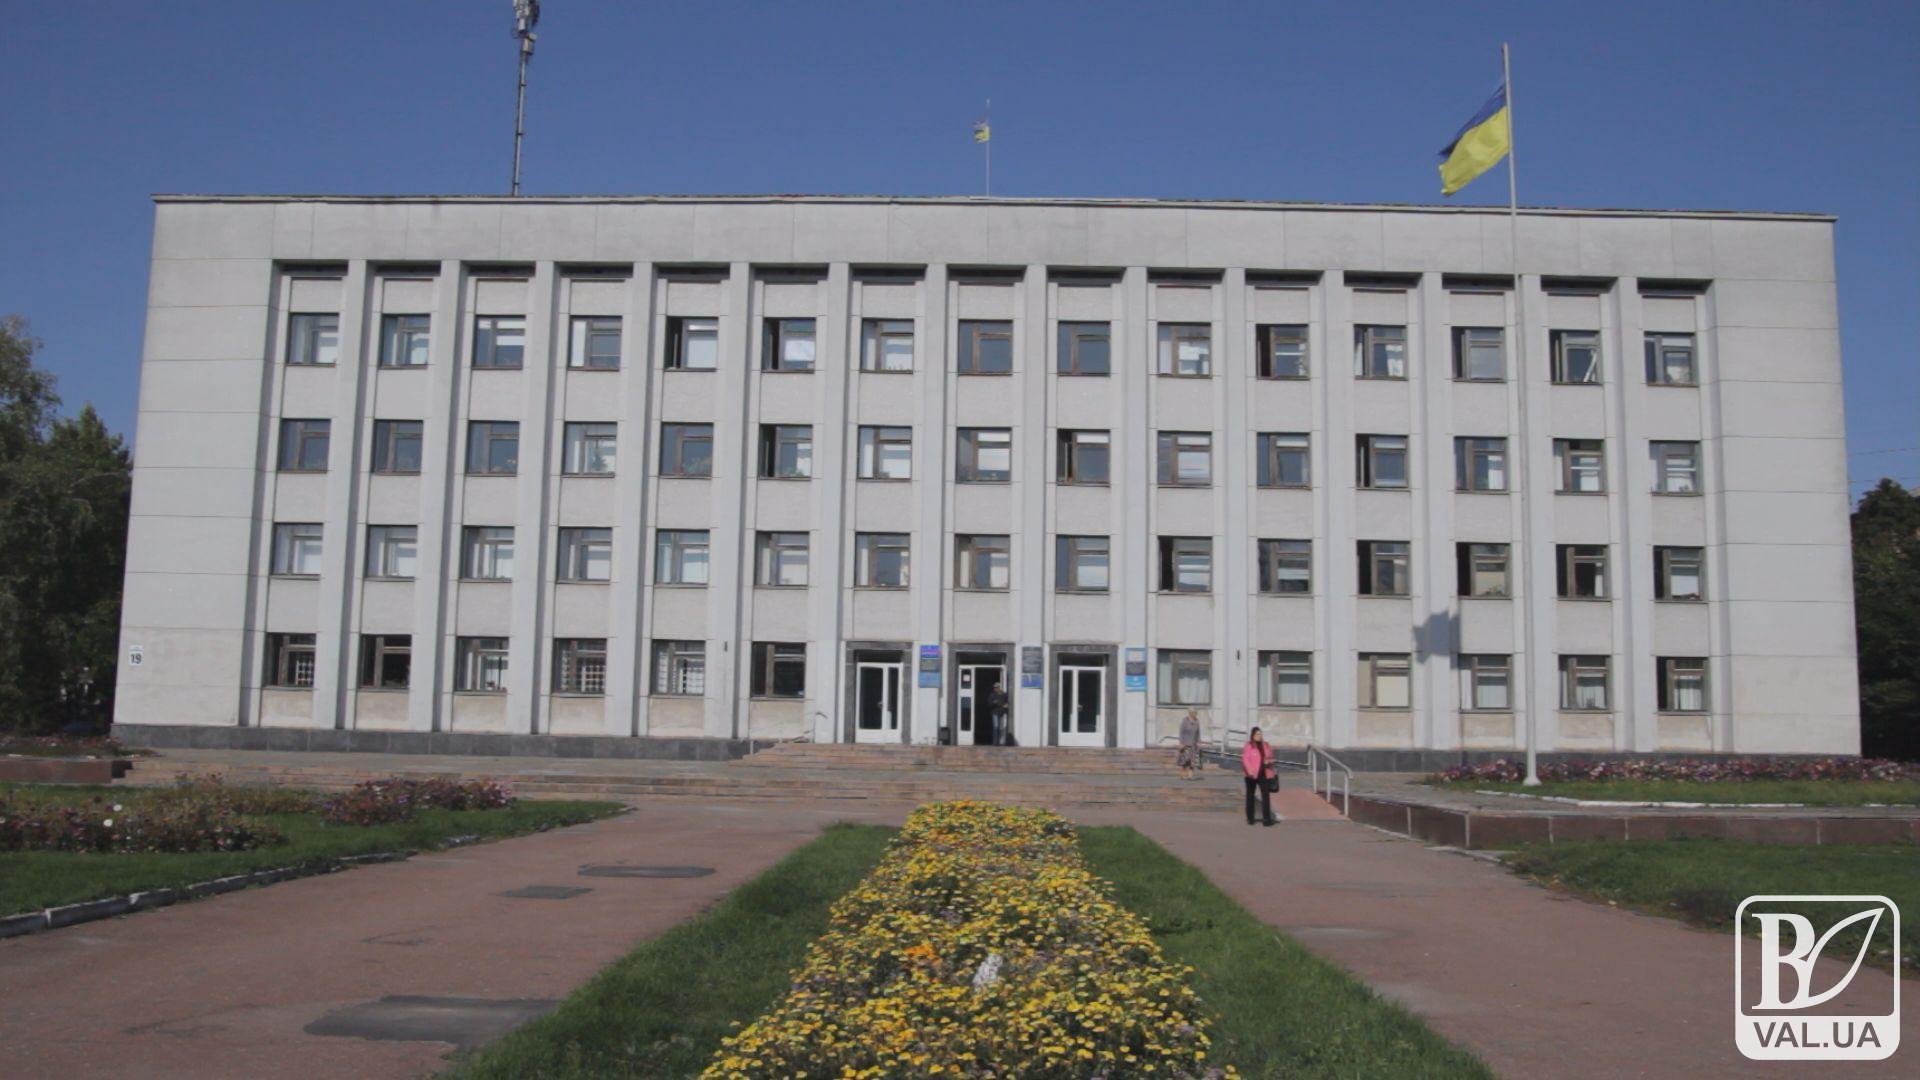 Питання ліквідації районних рад у Чернігові розглядатимуть у 2019 році